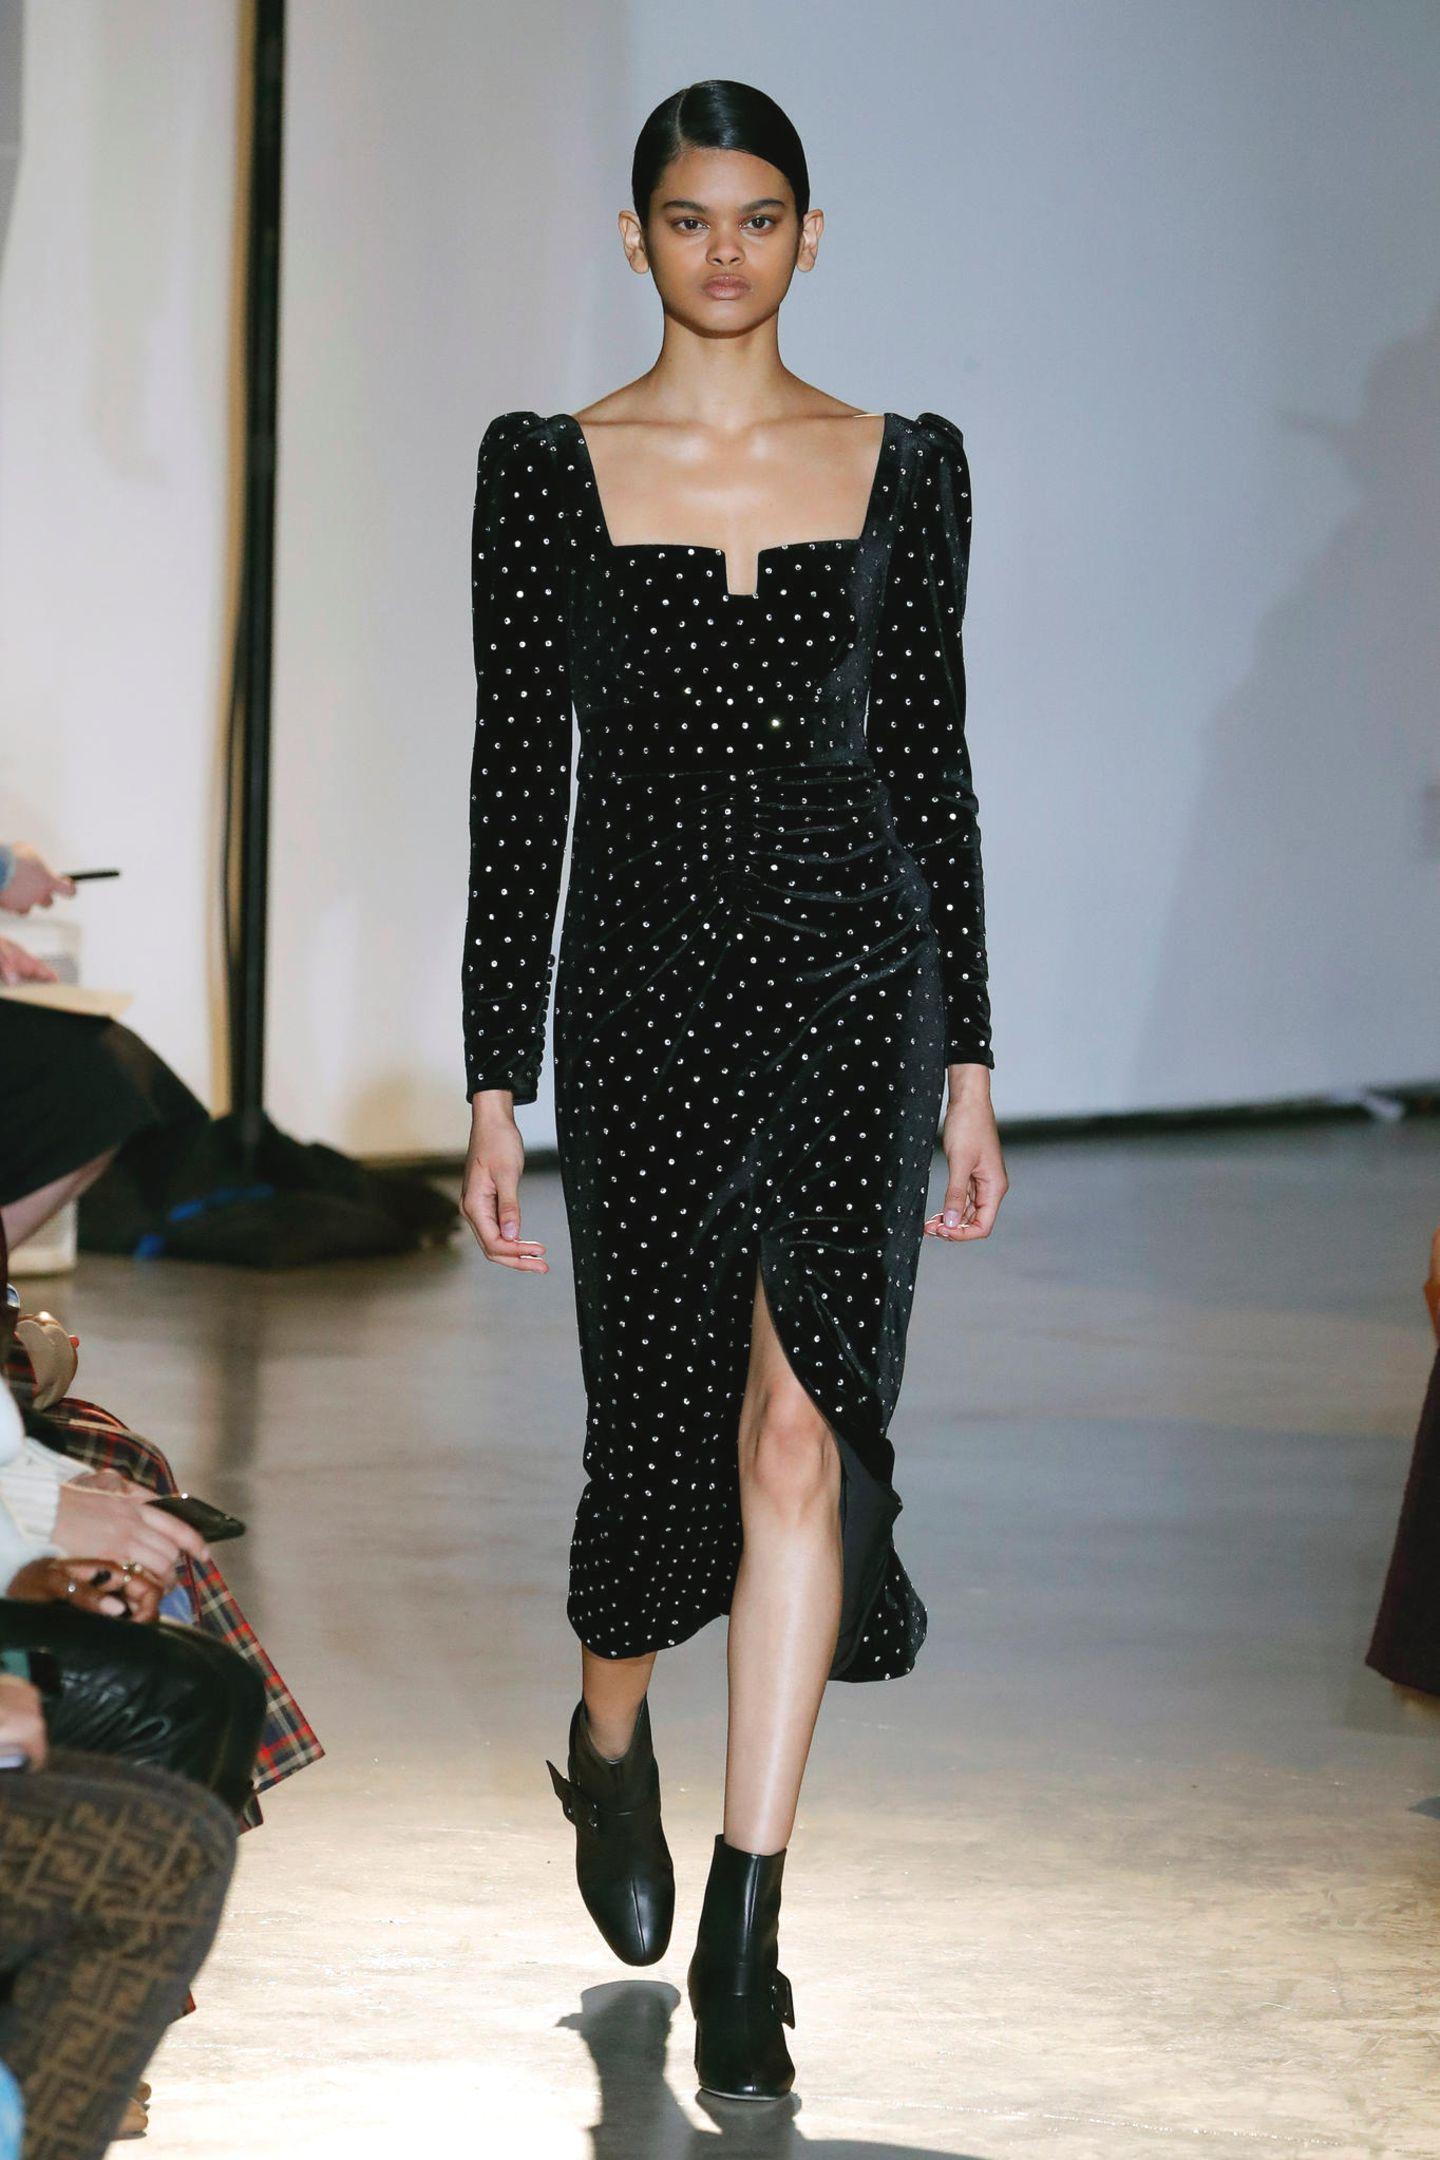 Während der Fashion Week in New York präsentiertHan Chong, der Designer hinter dem ErfolgslabelSelf-Portrait die neue Herbst-/Winter-Kollektion. Das Label stoßt vor allem bei denRoyals, wie Herzogin Kate oder Herzogin Meghan, auf große Begeisterung. Ob wir sie bald mit einerdieser Runway-Designs sehen werden?